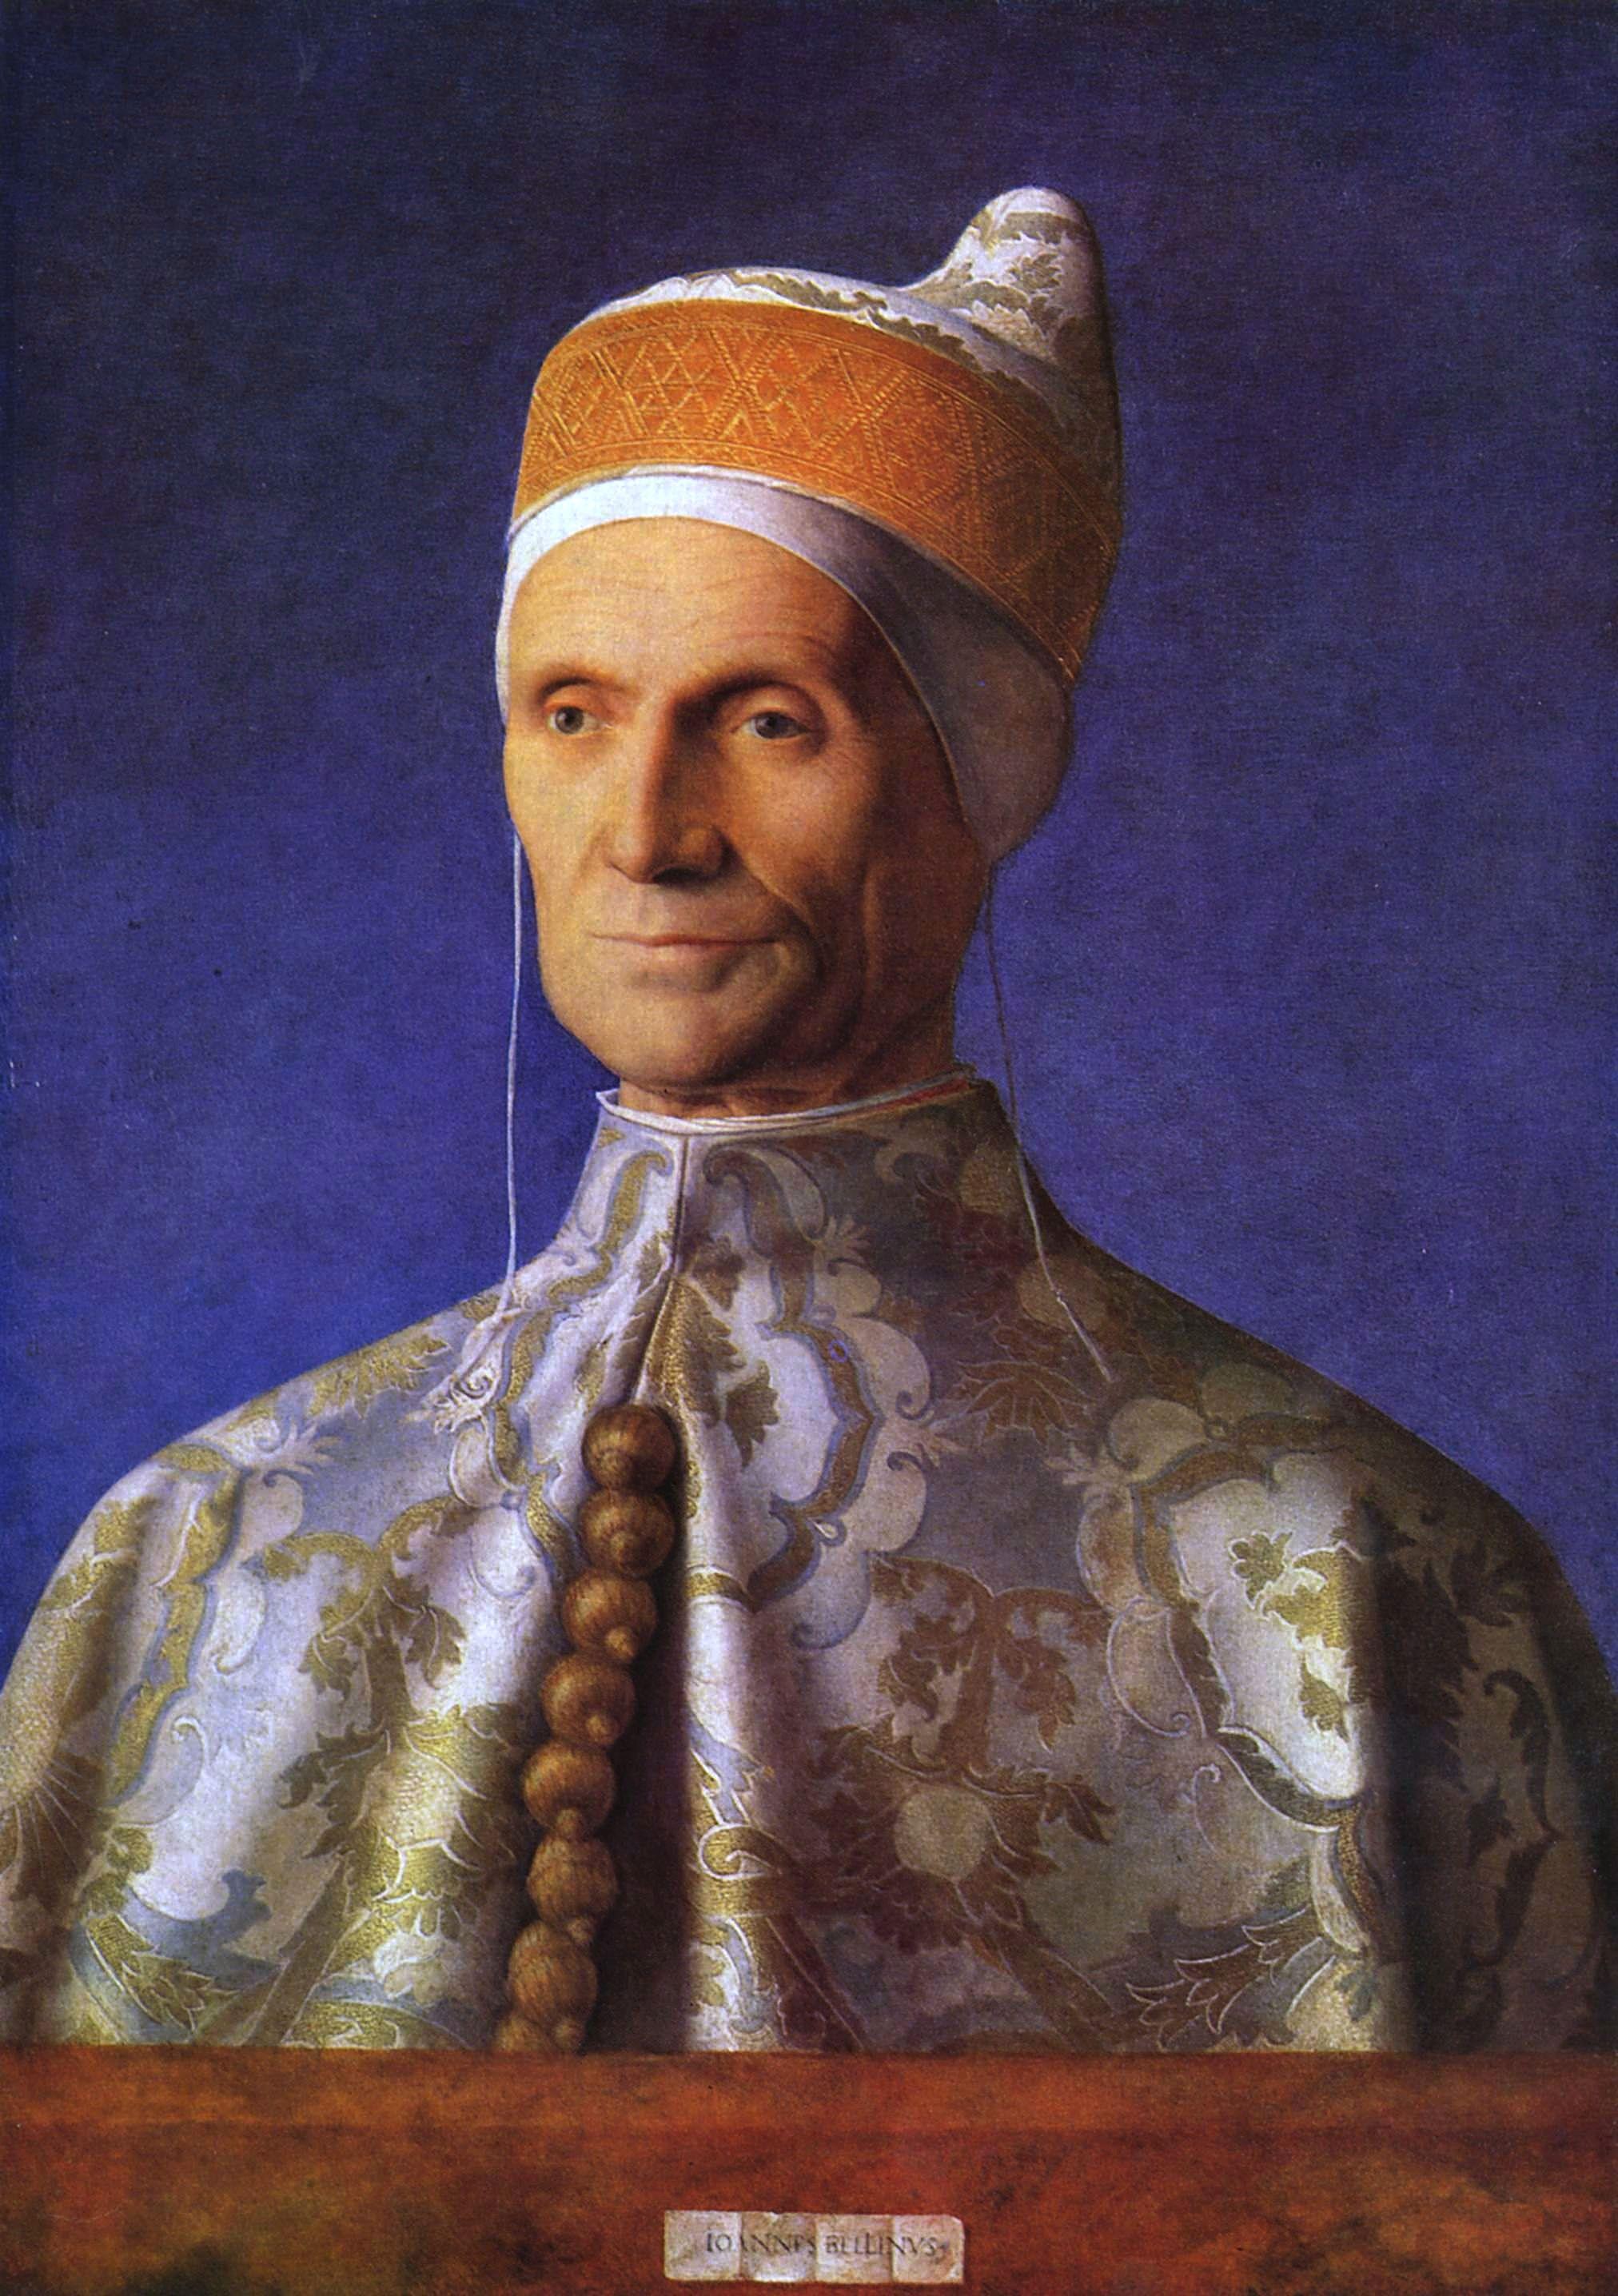 https://upload.wikimedia.org/wikipedia/commons/a/af/Giovanni_Bellini_-_Ritratto_del_Doge_Leonardo_Loredan.jpg